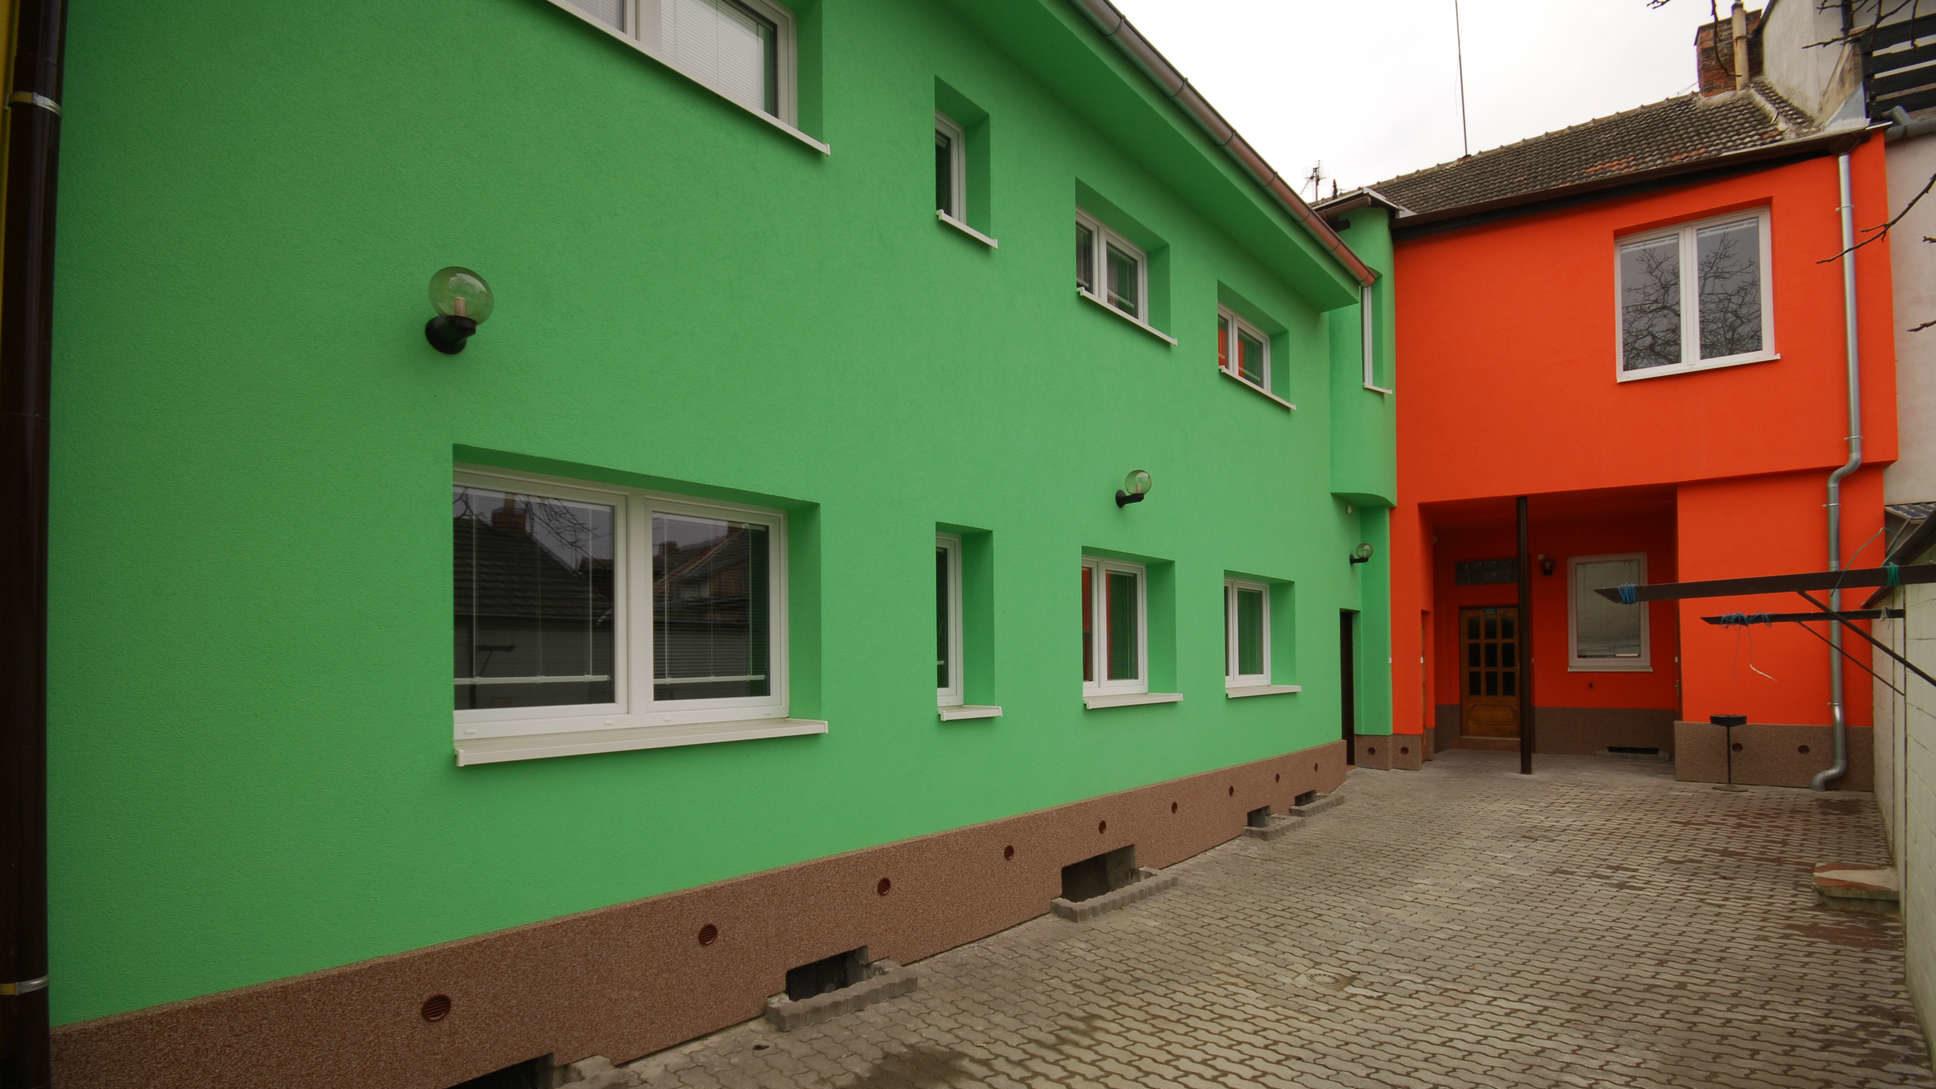 Ubytovny v Brně